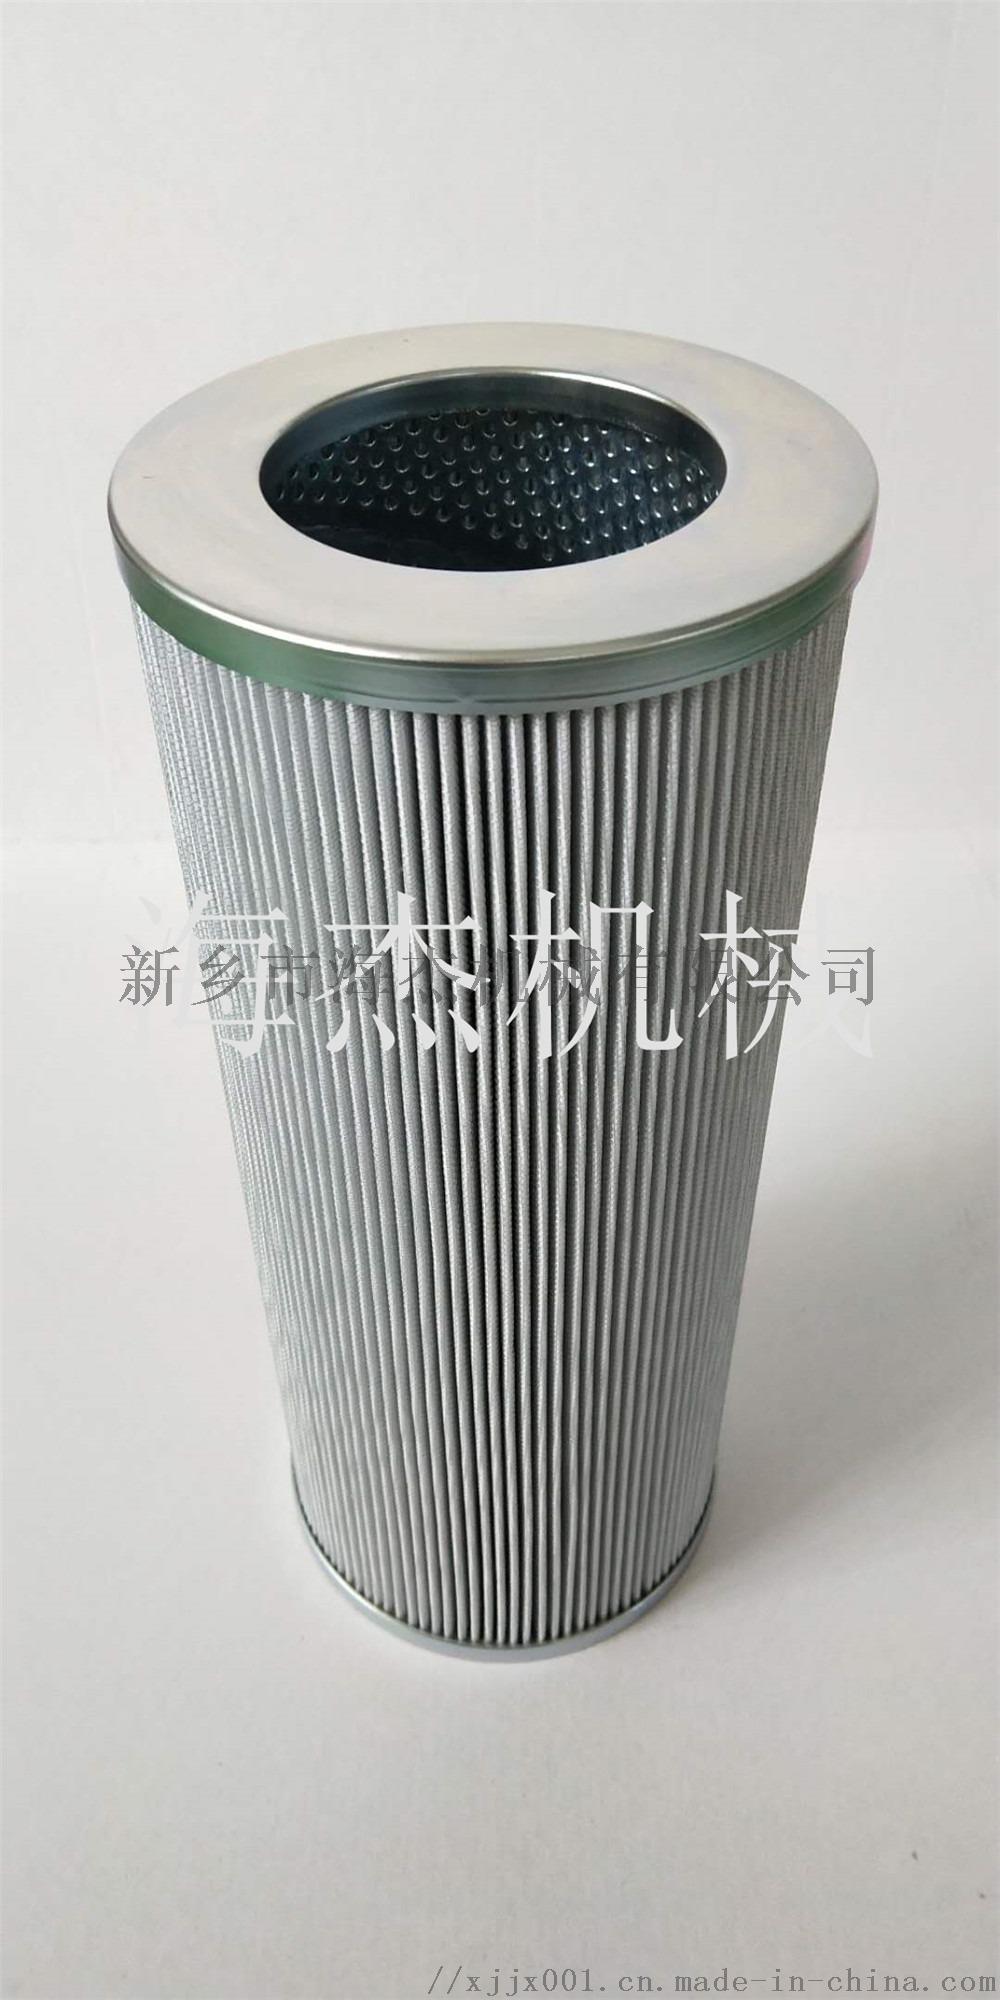 電廠濾芯  油泵出口濾芯DP602EA03V/-W62713772